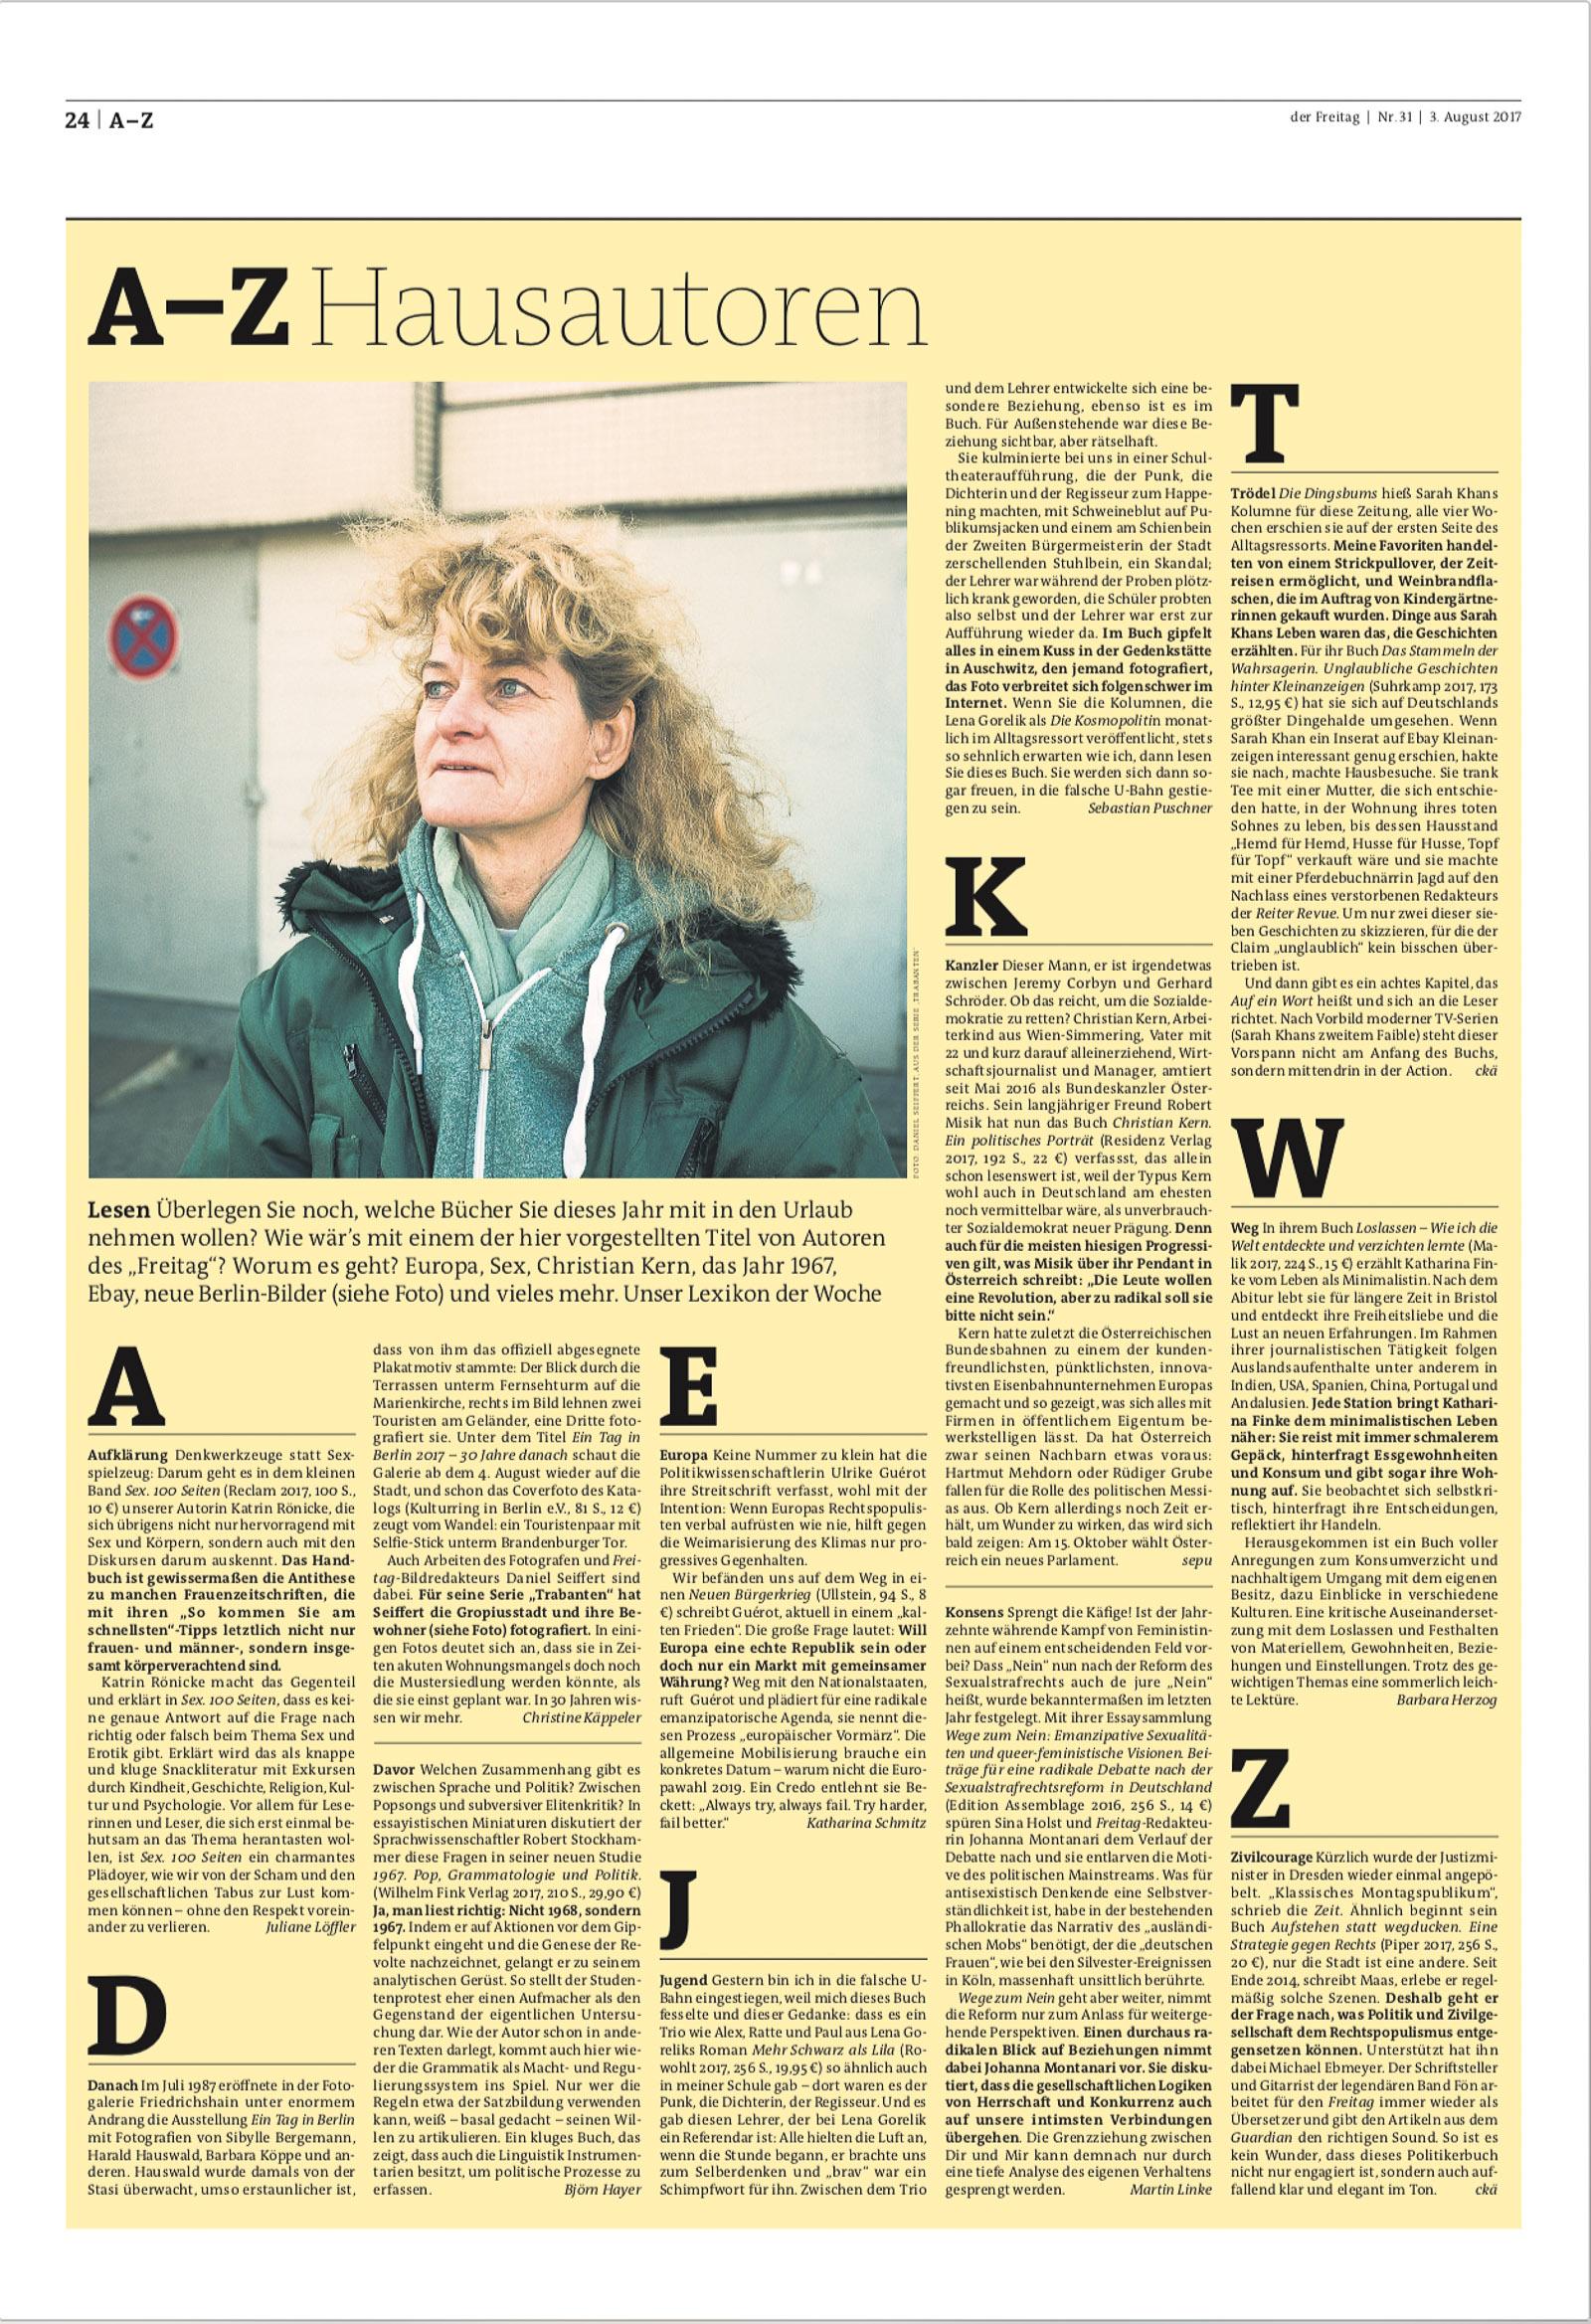 Teersheets-(c)_DanielSeiffert-41.jpg